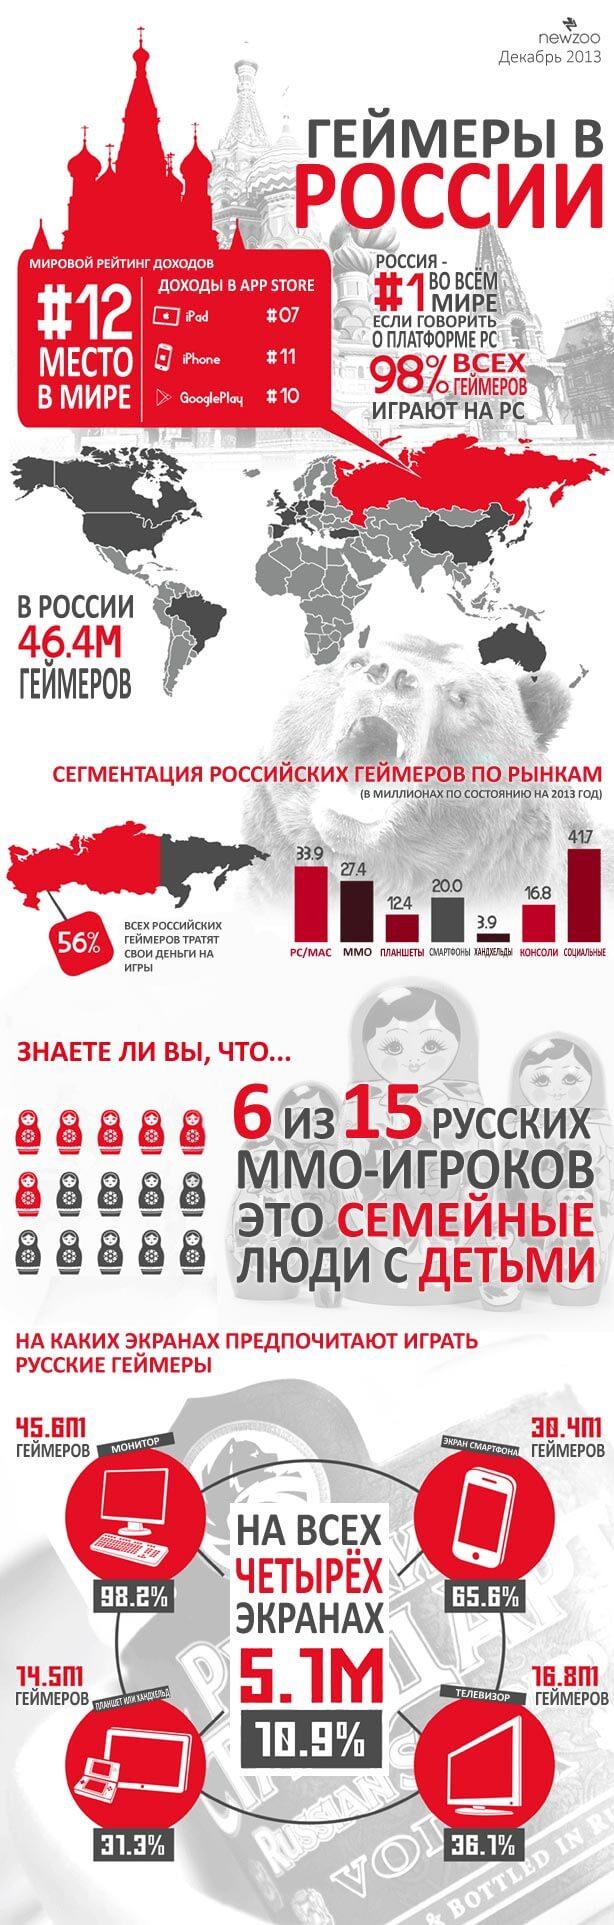 Инфографика о геймерах России